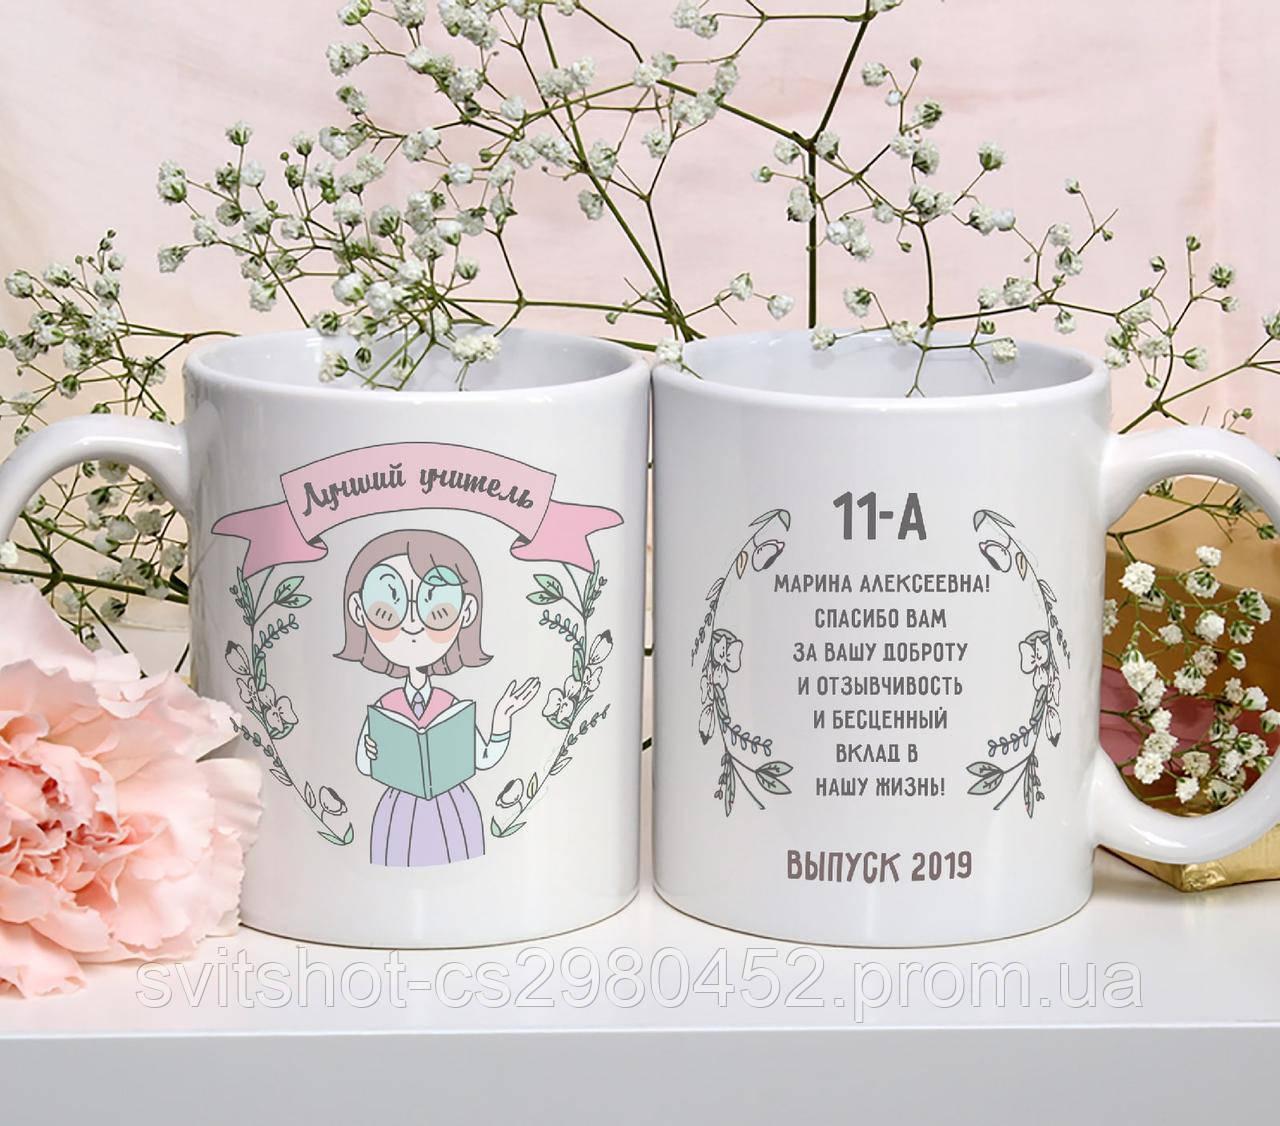 Чашка для лучшего учителя.